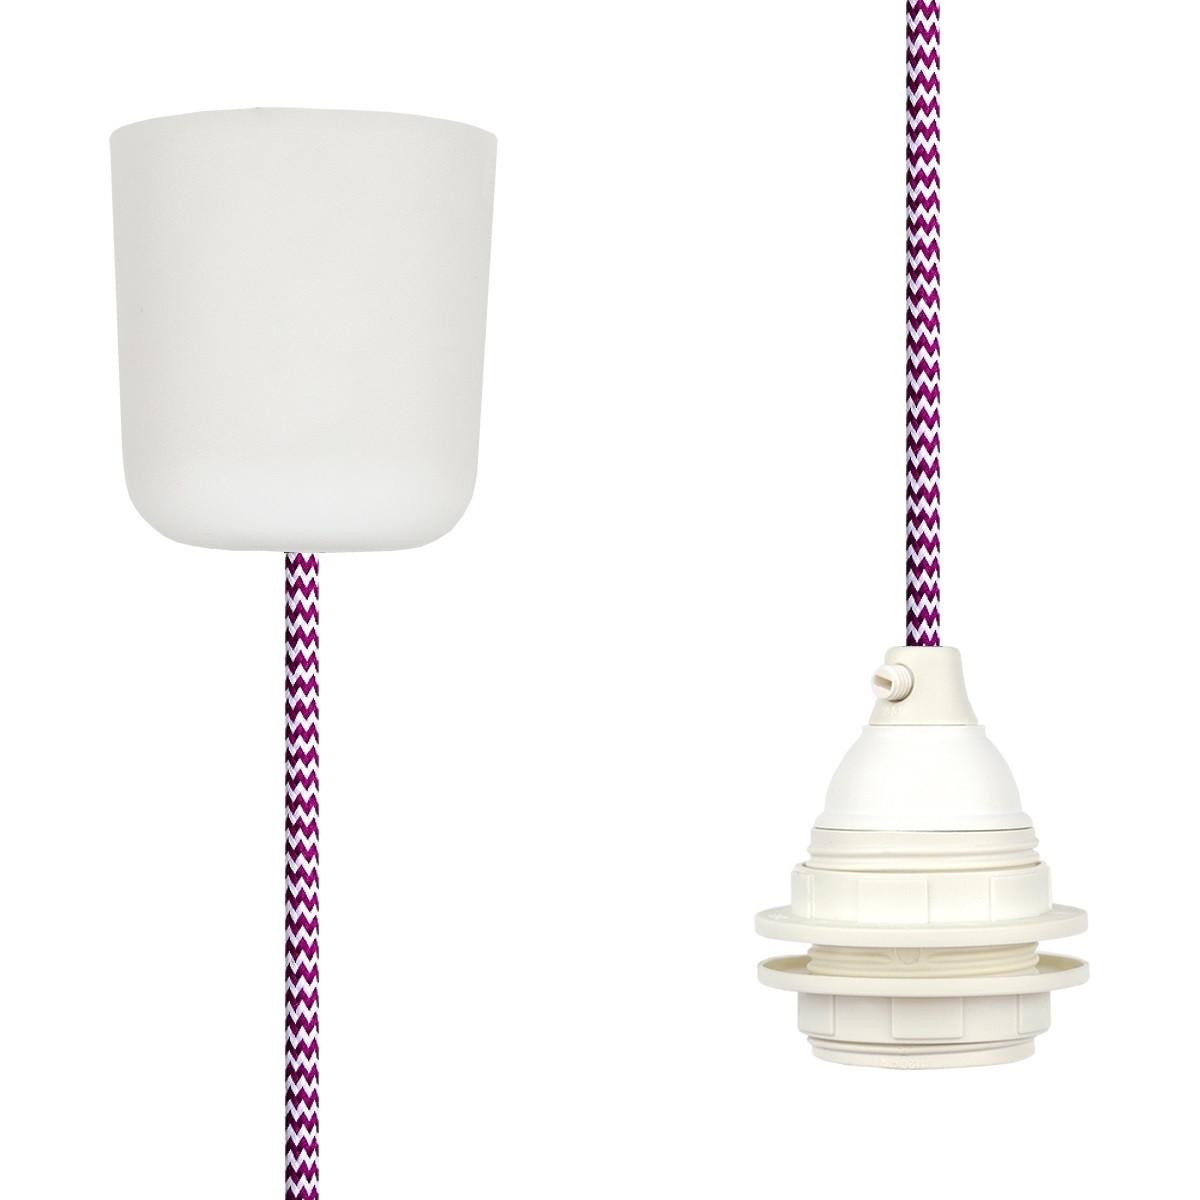 Textilkabel-Hängeleuchte Kunststoff weiß-kirschrot zick zack